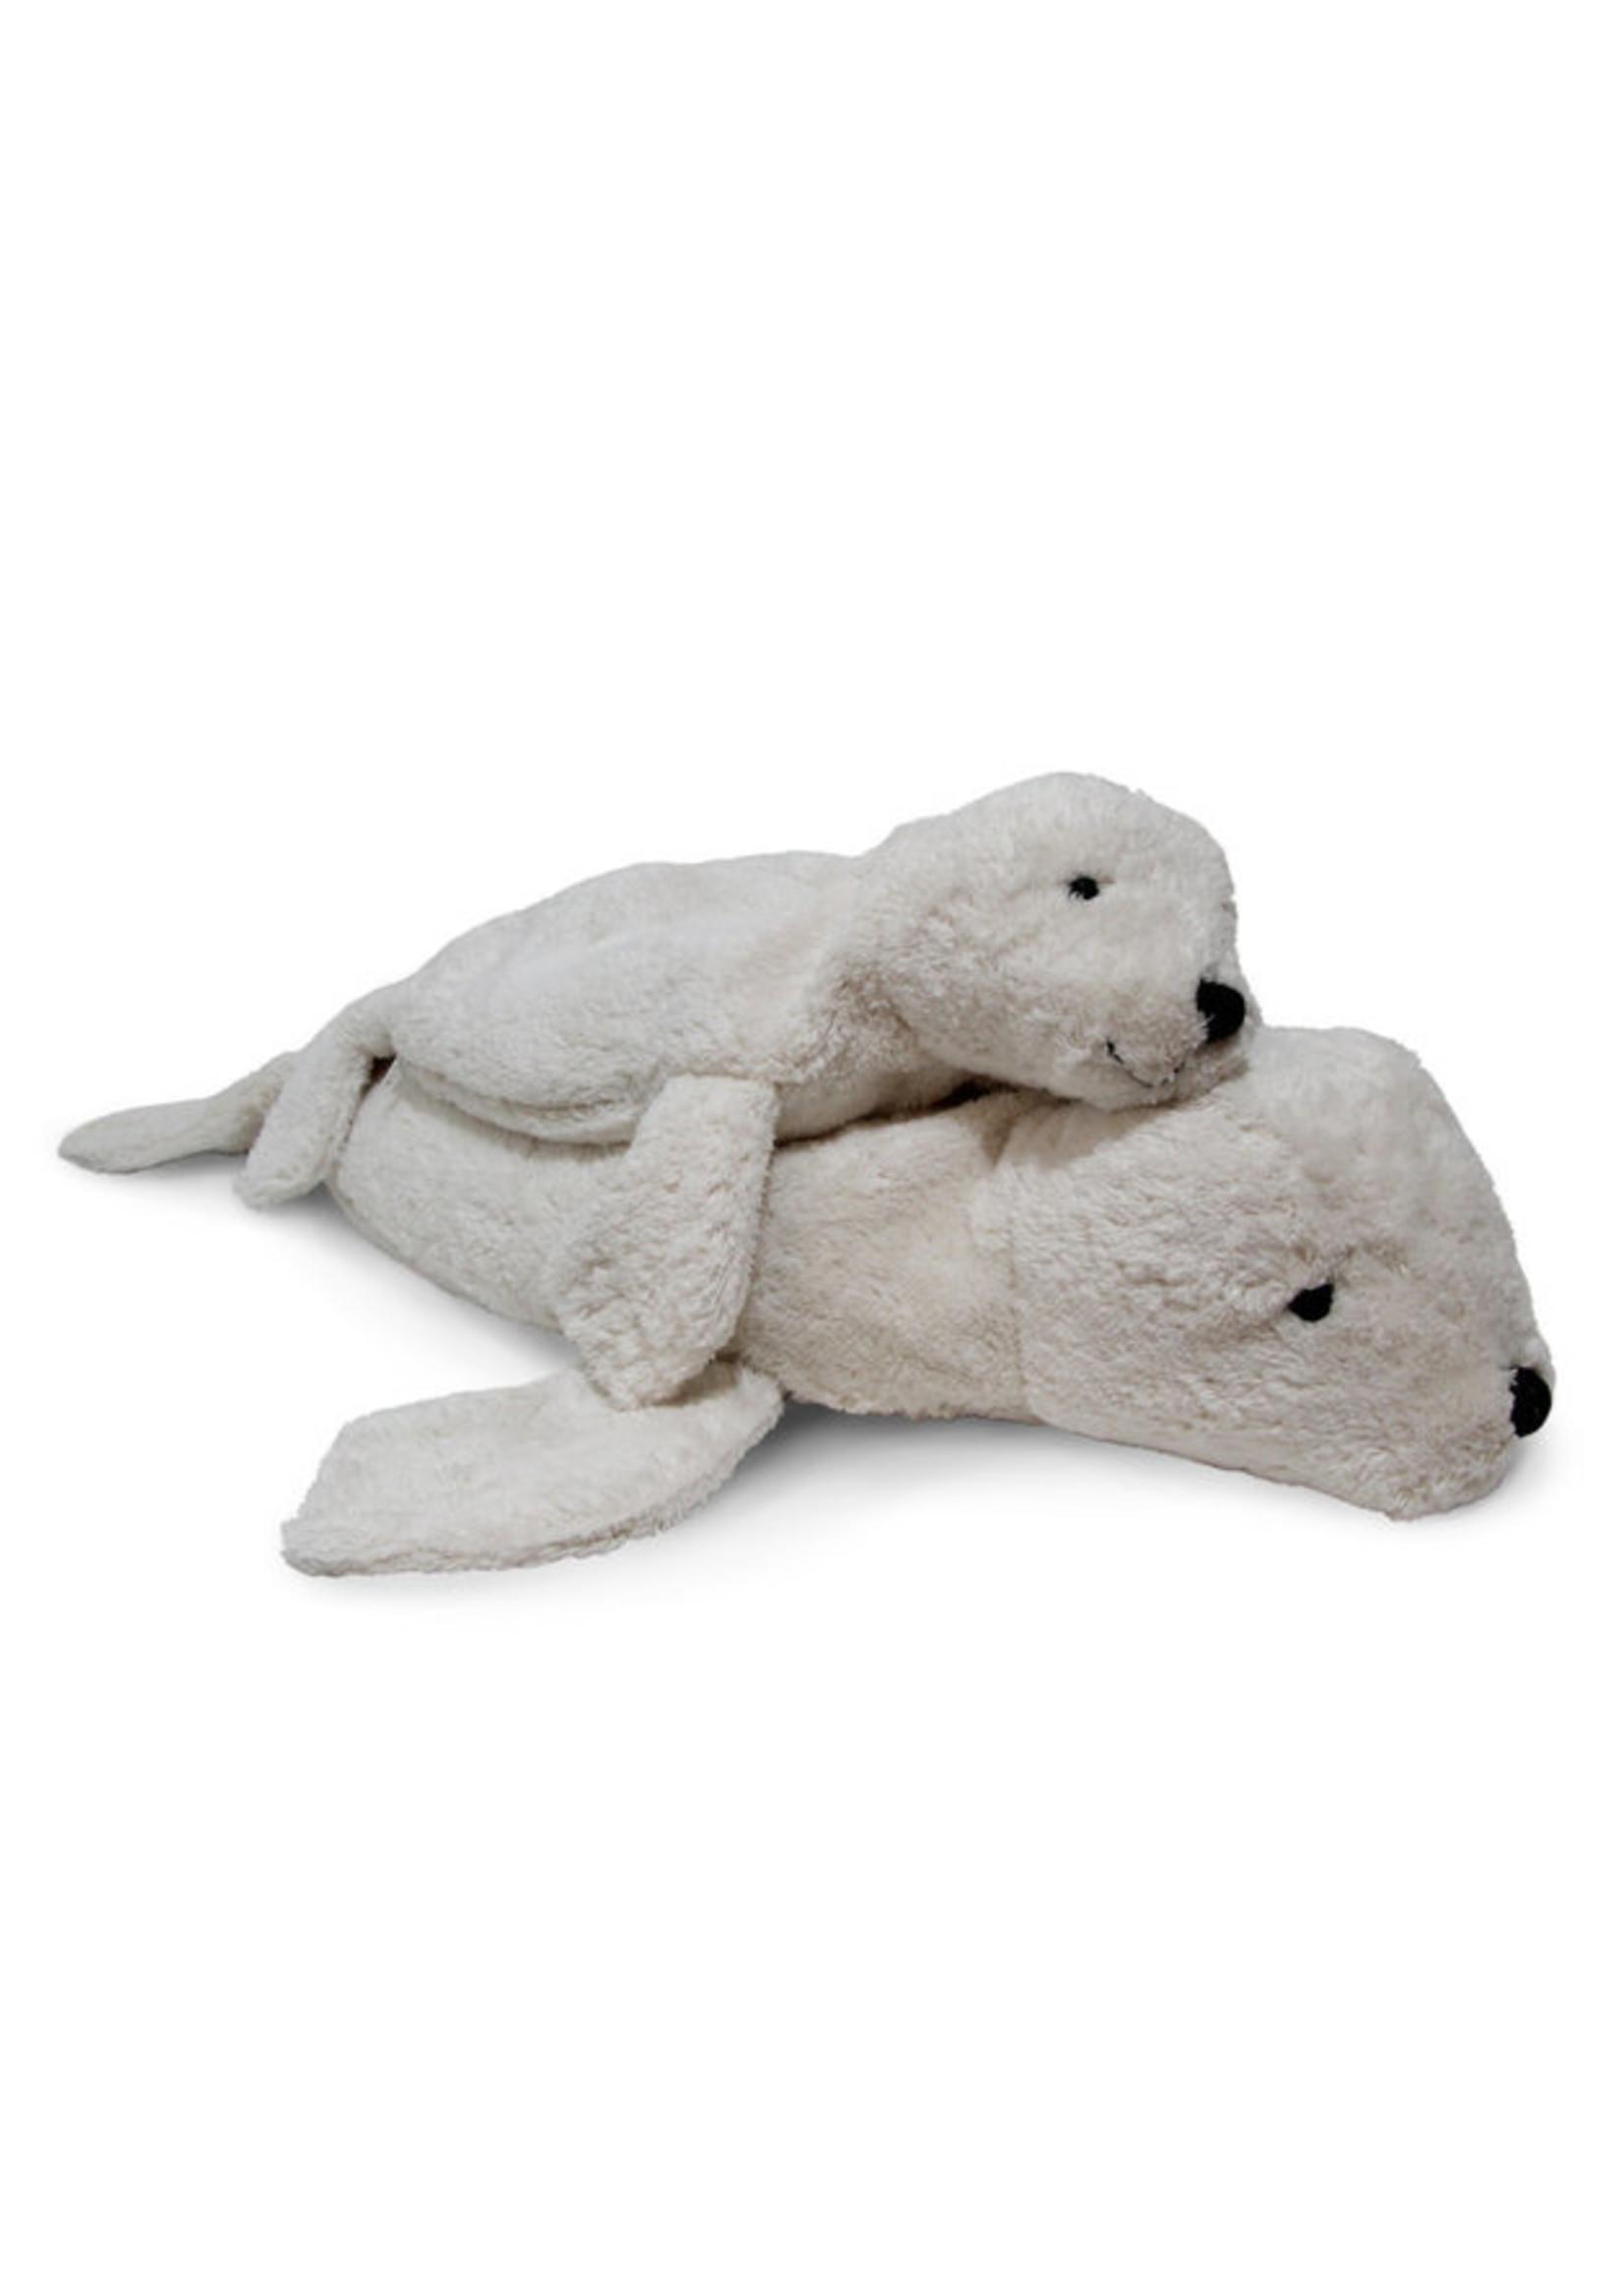 Senger Naturwelt Warmte Knuffel Zeehond  - Wit